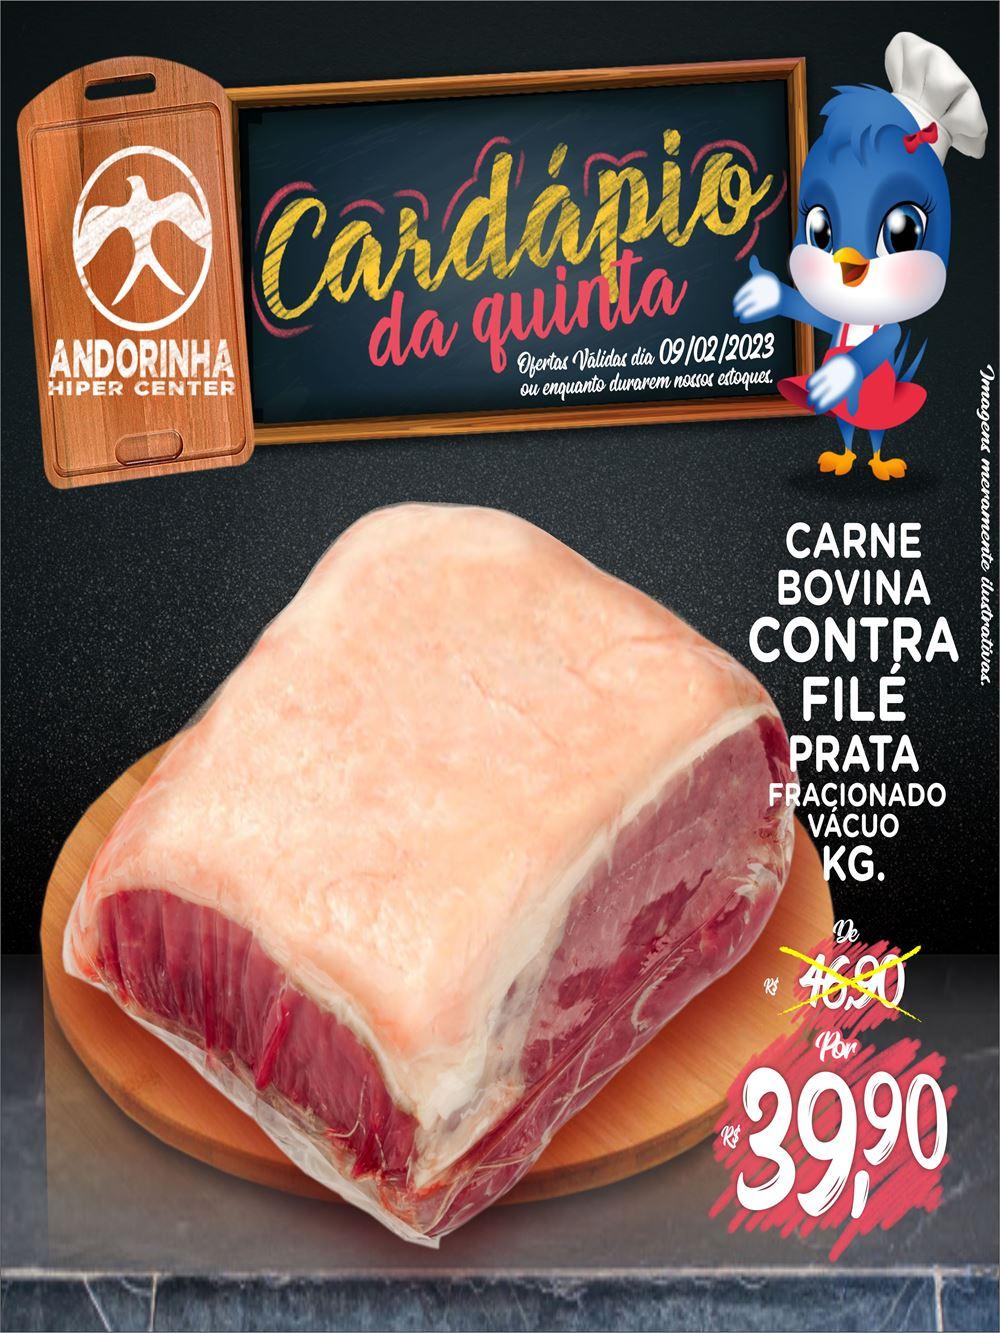 andorinha-ofertas-descontos-hoje1-8 São Paulo